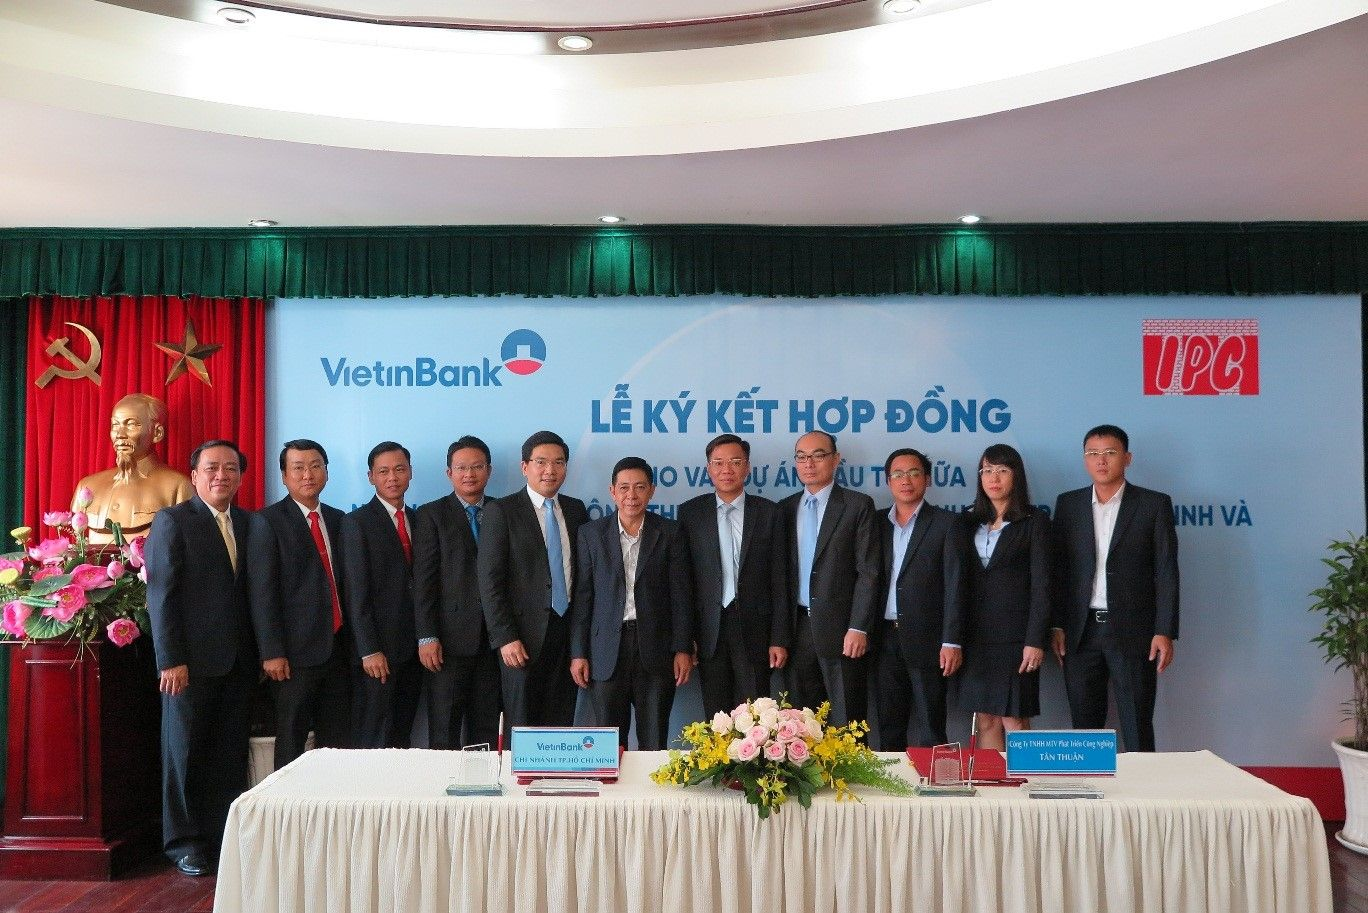 Lễ ký kết hợp đồng tài trợ vốn giữa Công ty TNHH MTV Phát triển Công nghiệp Tân Thuận và Viettinbank